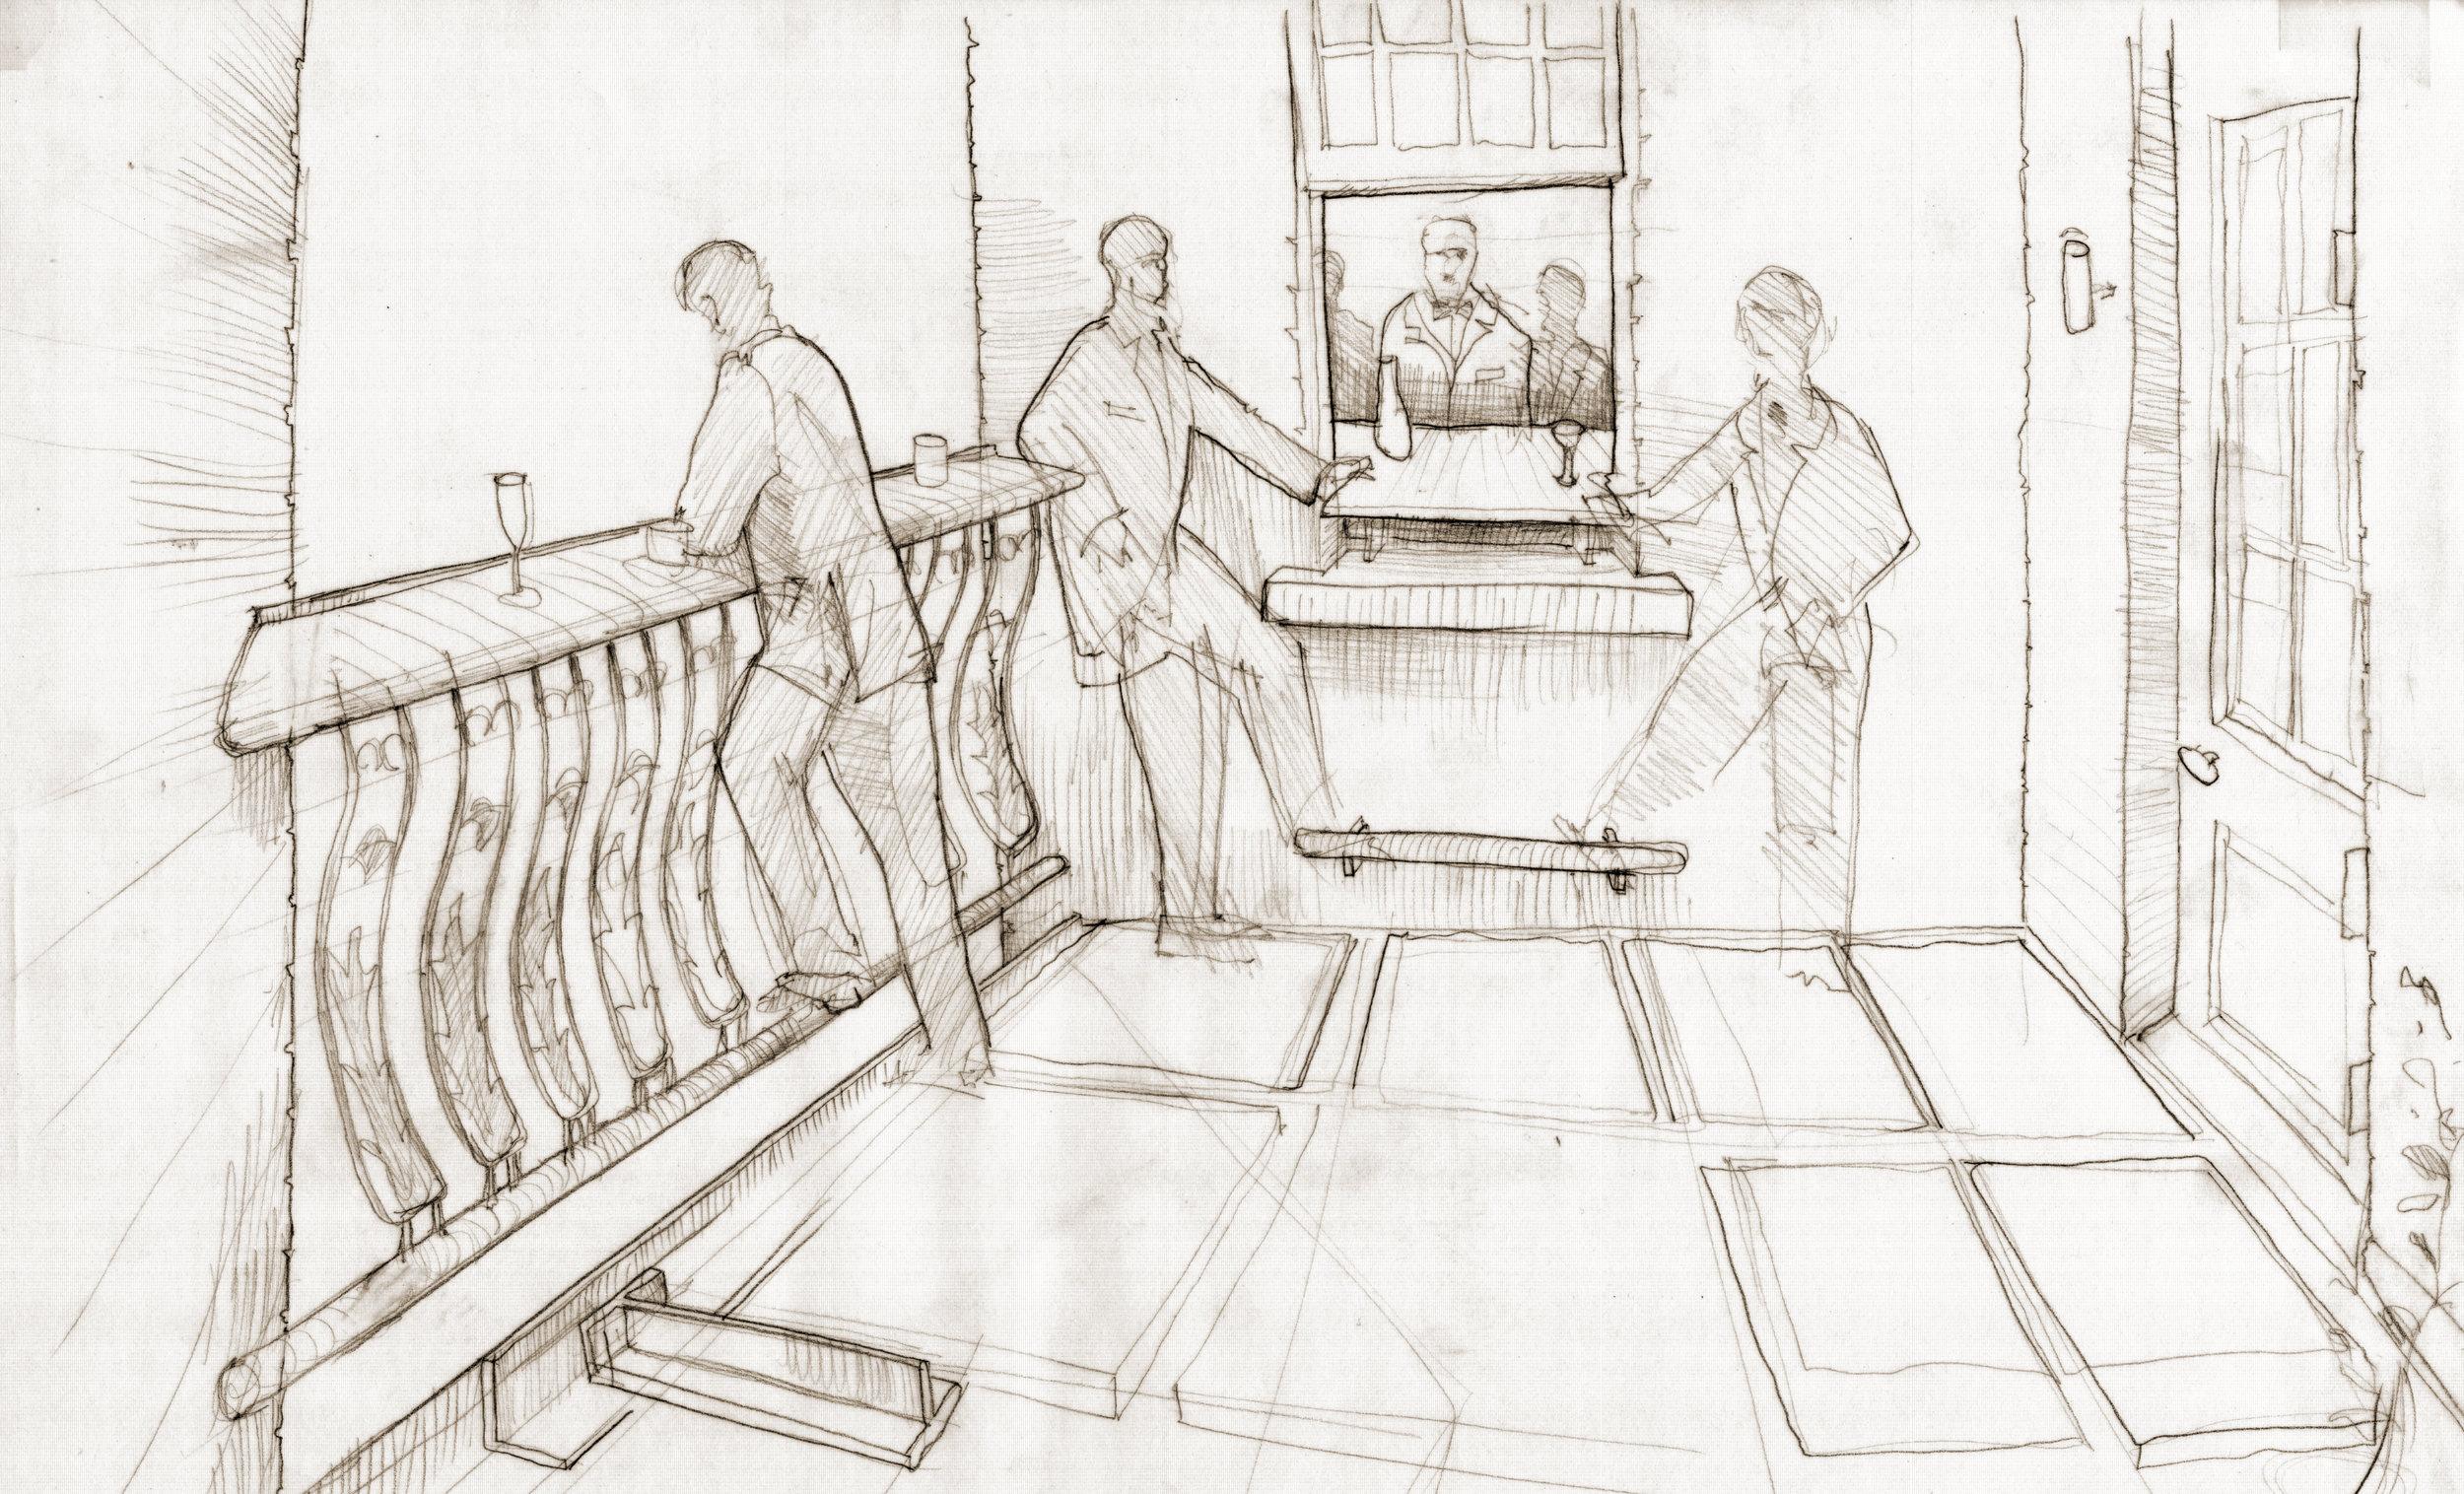 proposal sketch of first floor balcony extension overlooking courtyard below